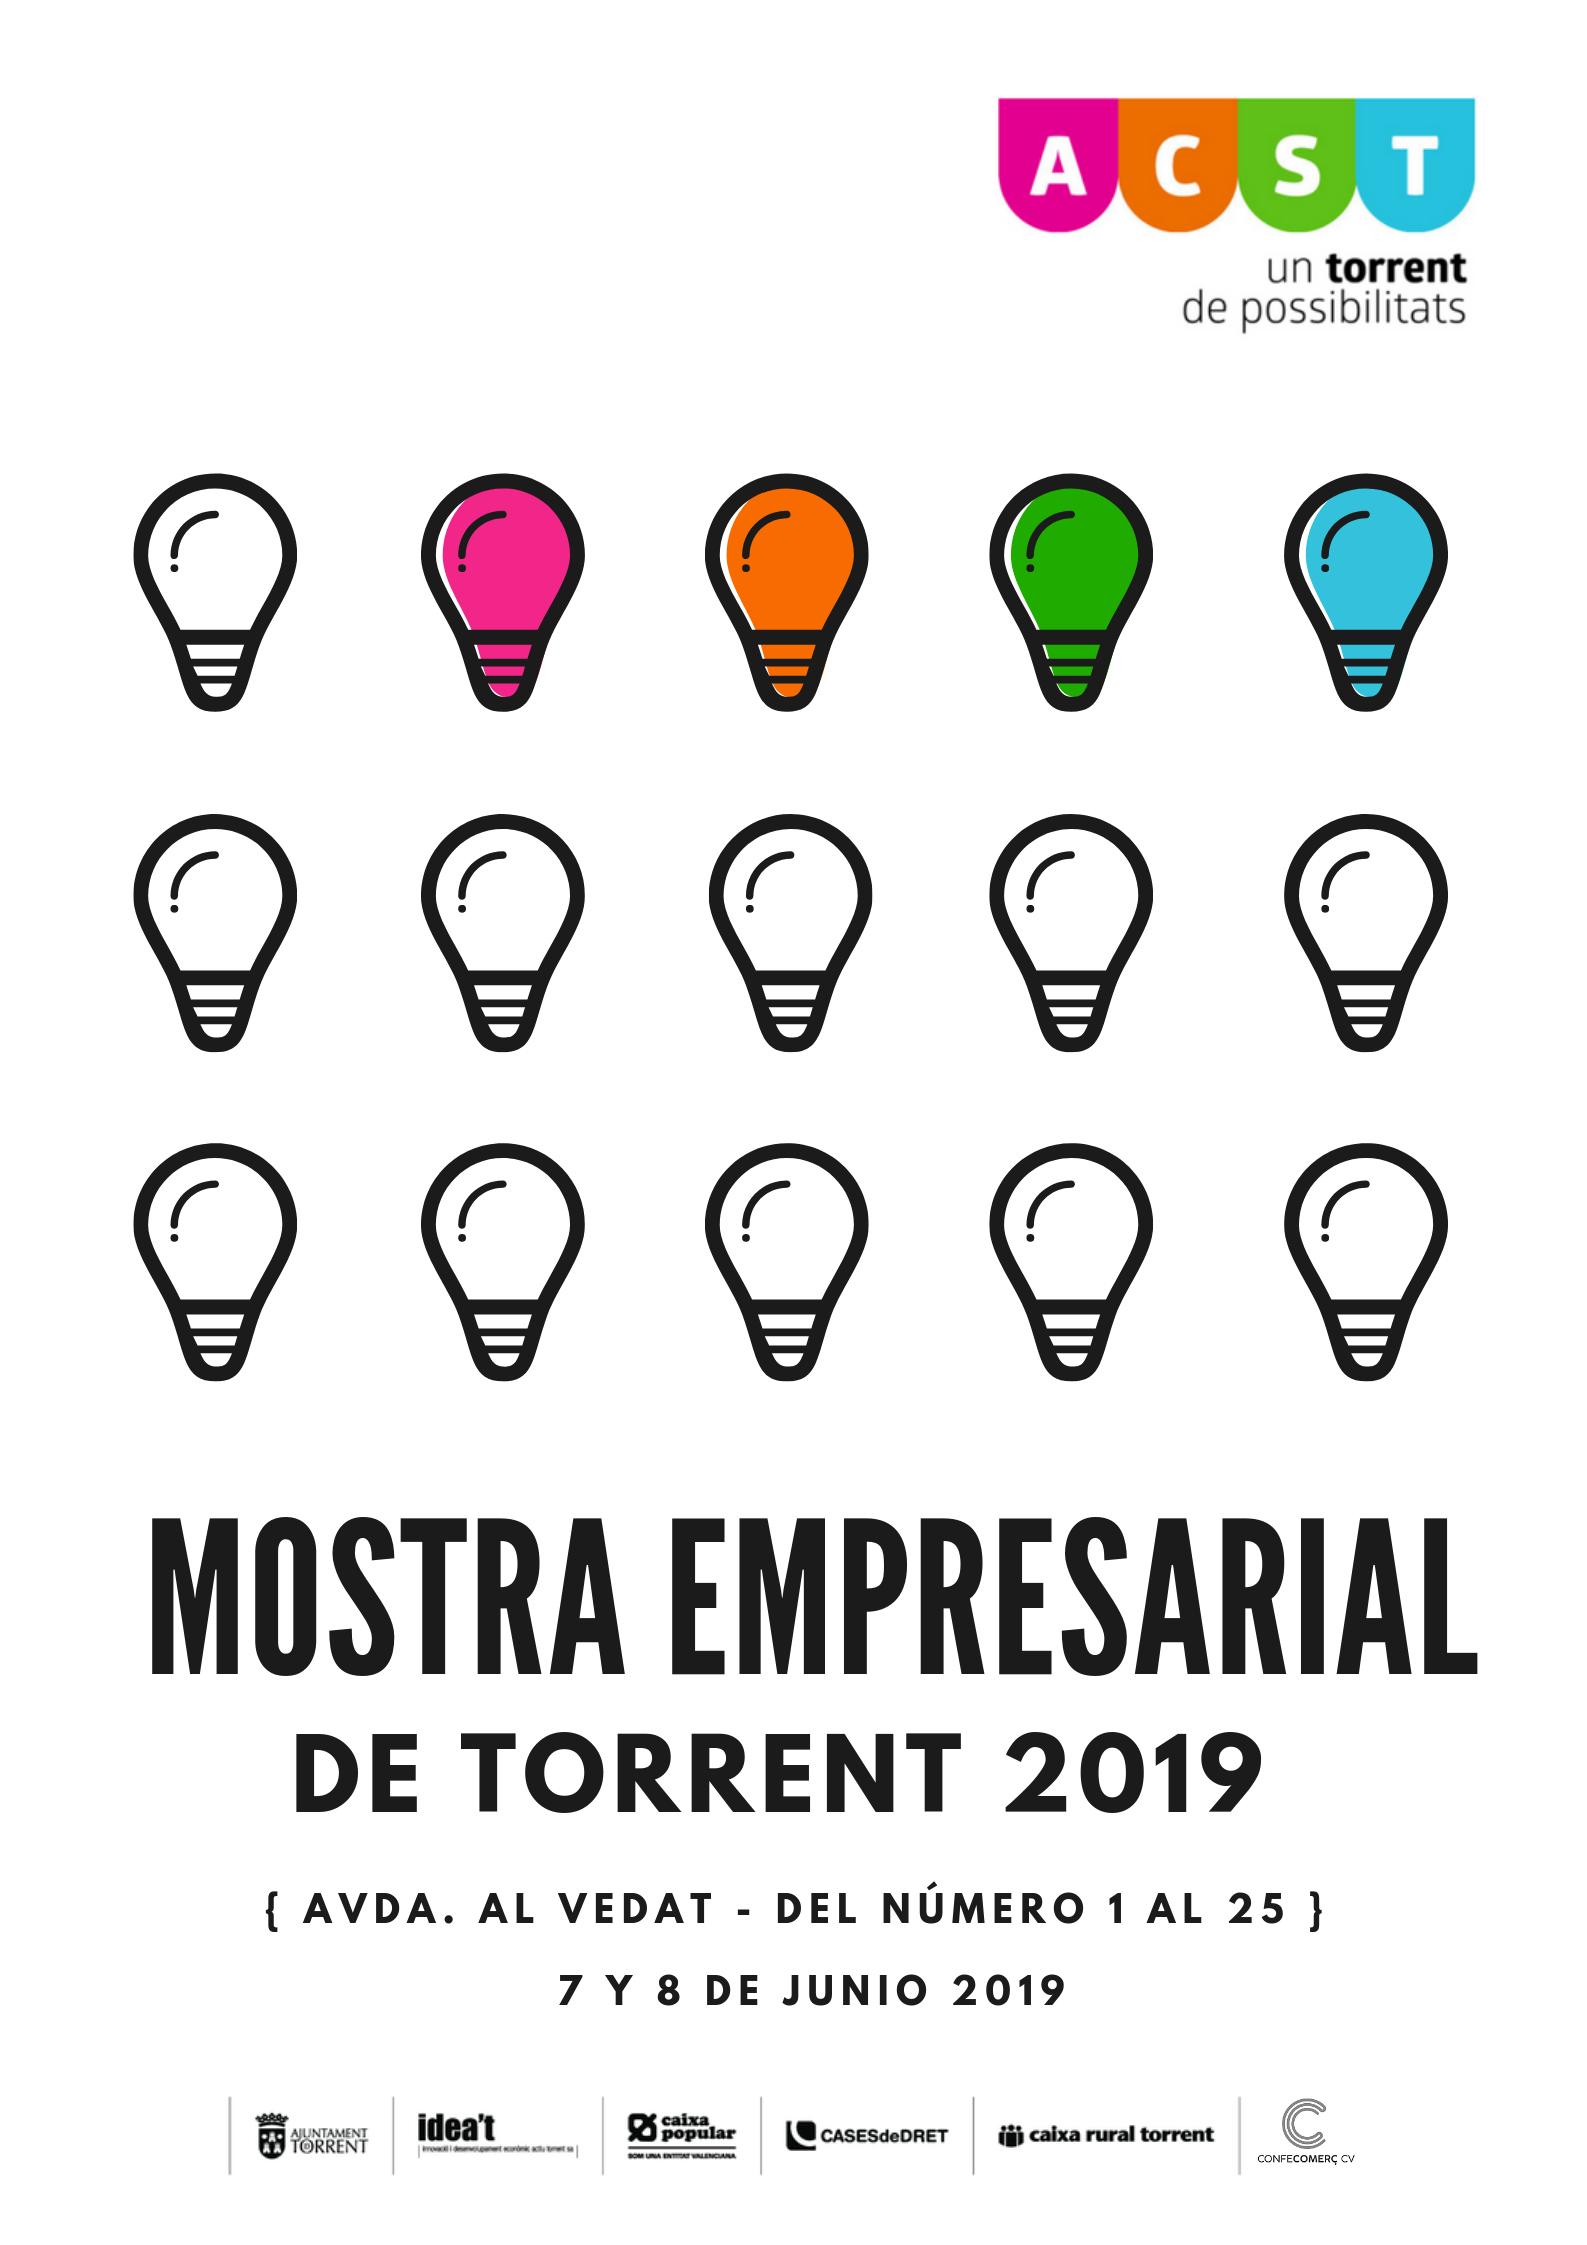 """Os invitamos a la """"Mostra Empresarial de Torrent 2019"""" (7 y 8 de Junio) !!!"""